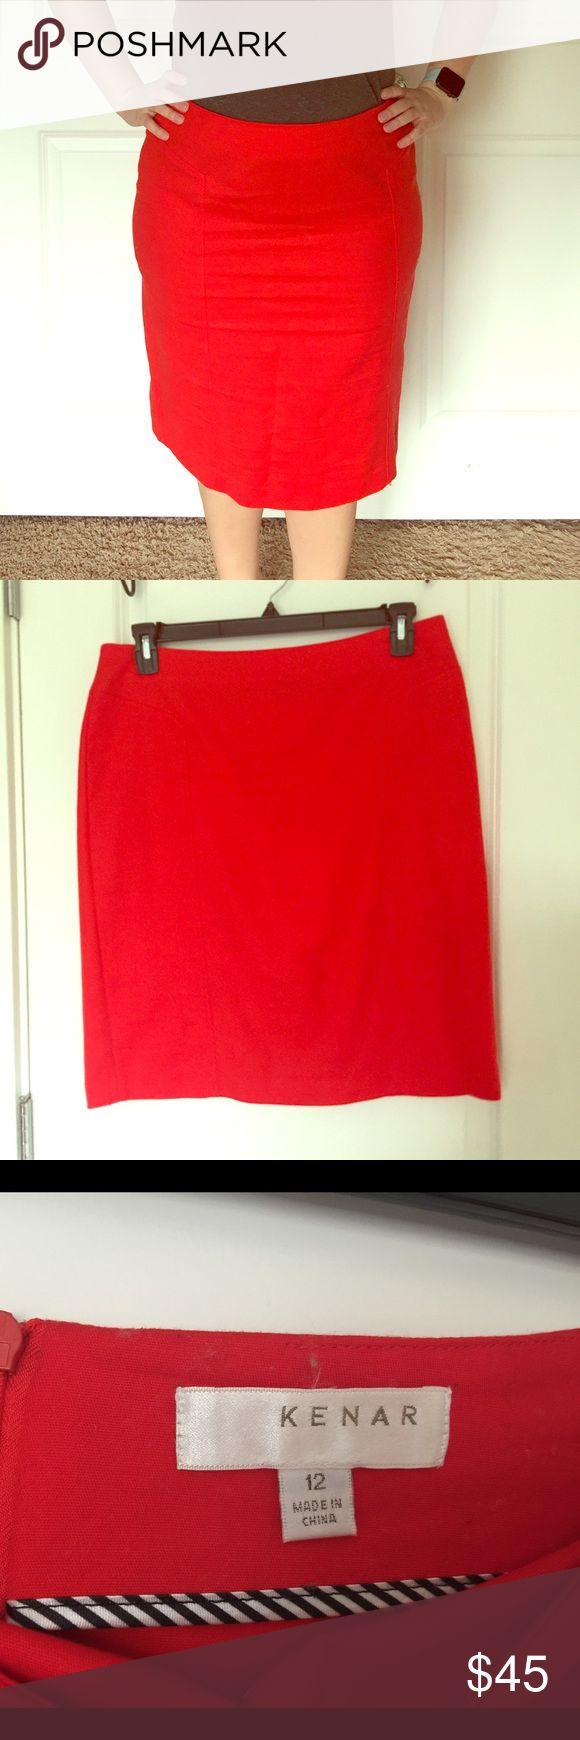 Kenar Red Pencil Skirt sz 12. Kenar Red Pencil Skirt sz 12. Worn twice! Such a classic piece! Kenar Skirts Pencil